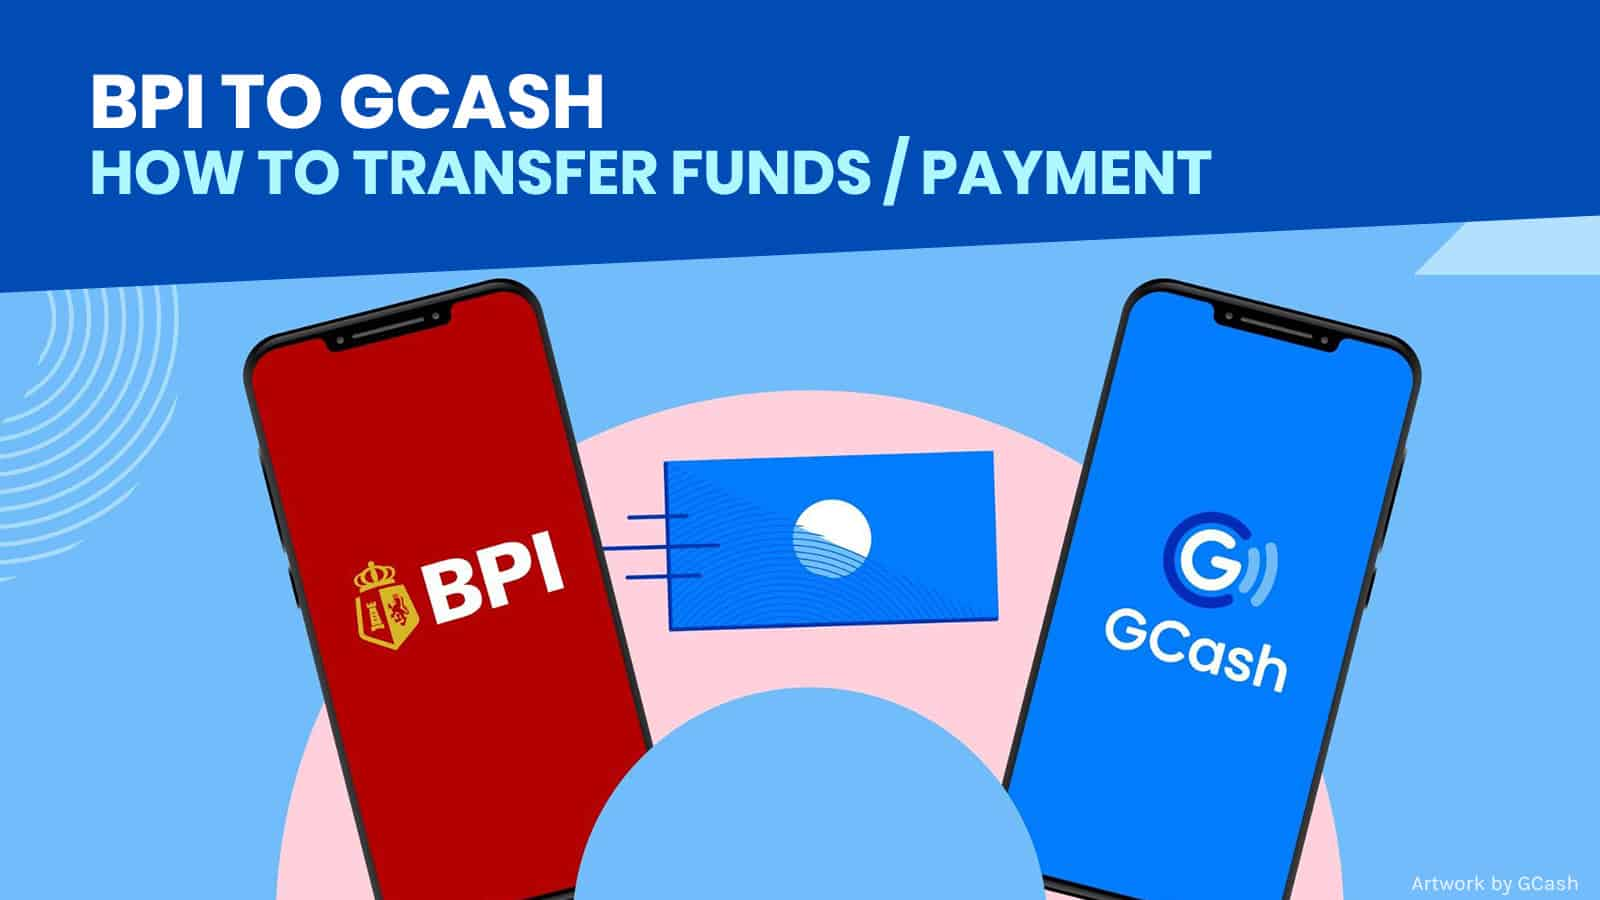 BPI to GCASH: How to Transfer Money via BPI Mobile App (Payment & Cash In)